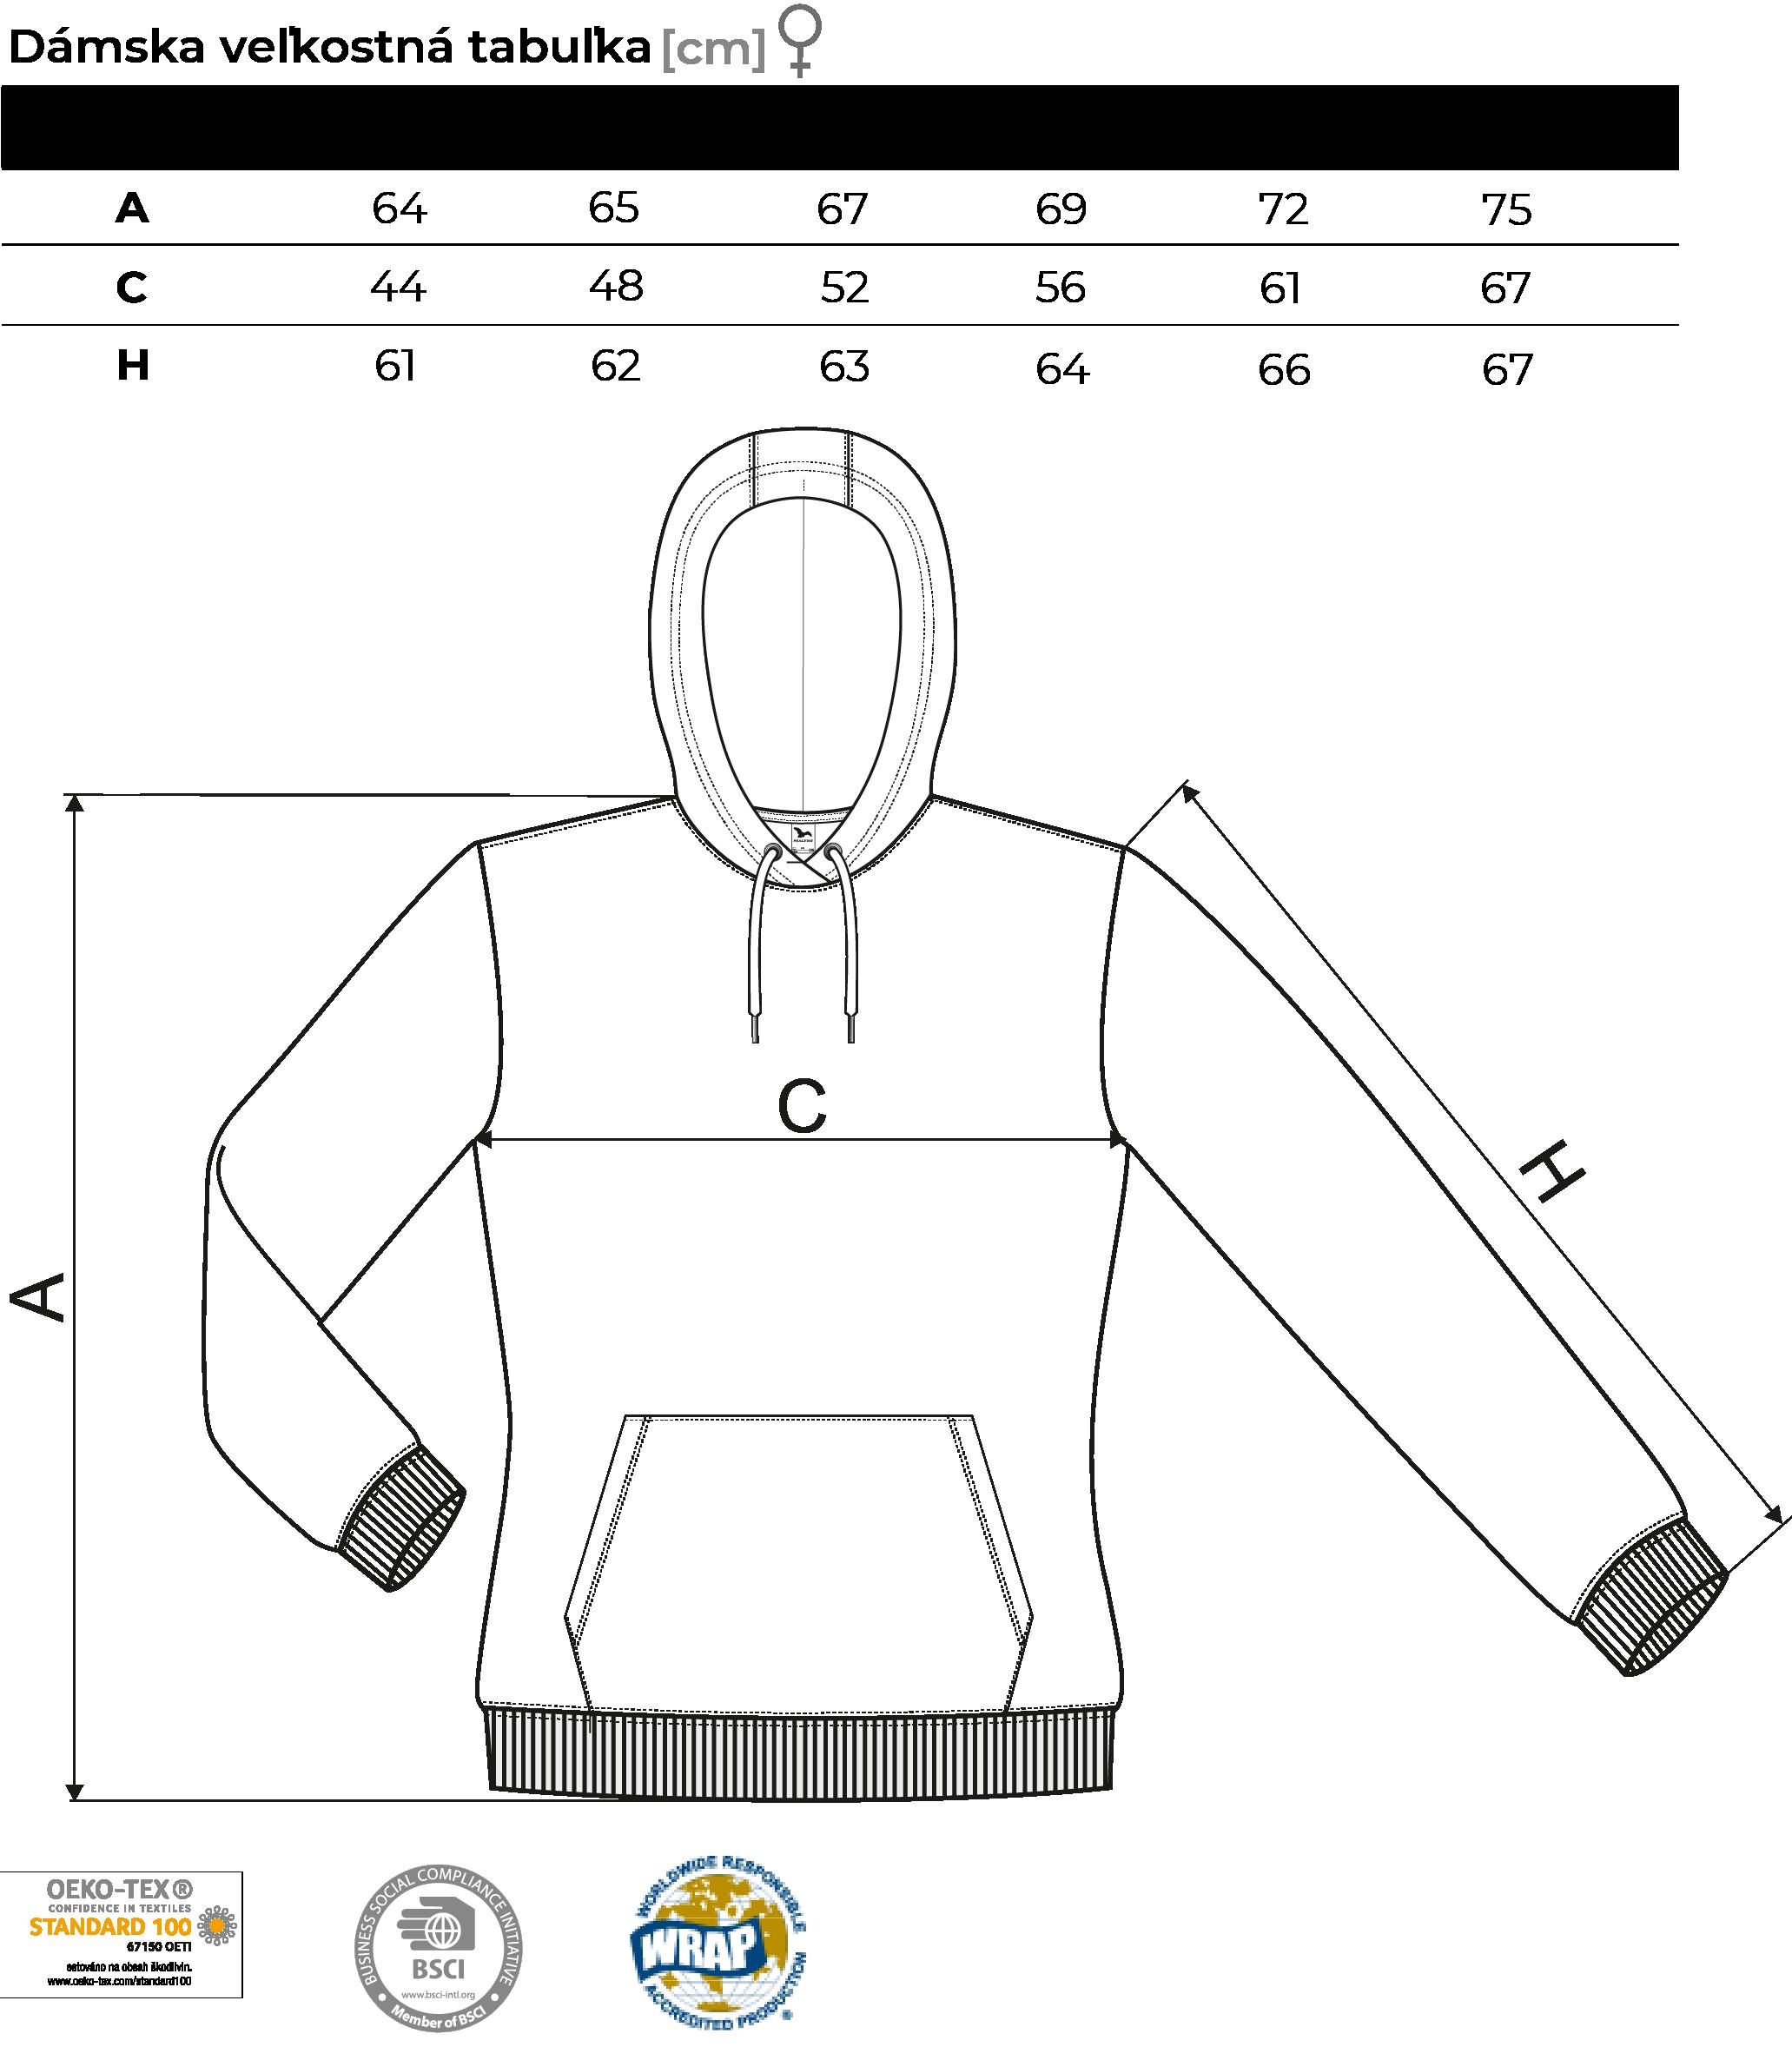 damska size chart mikina-01